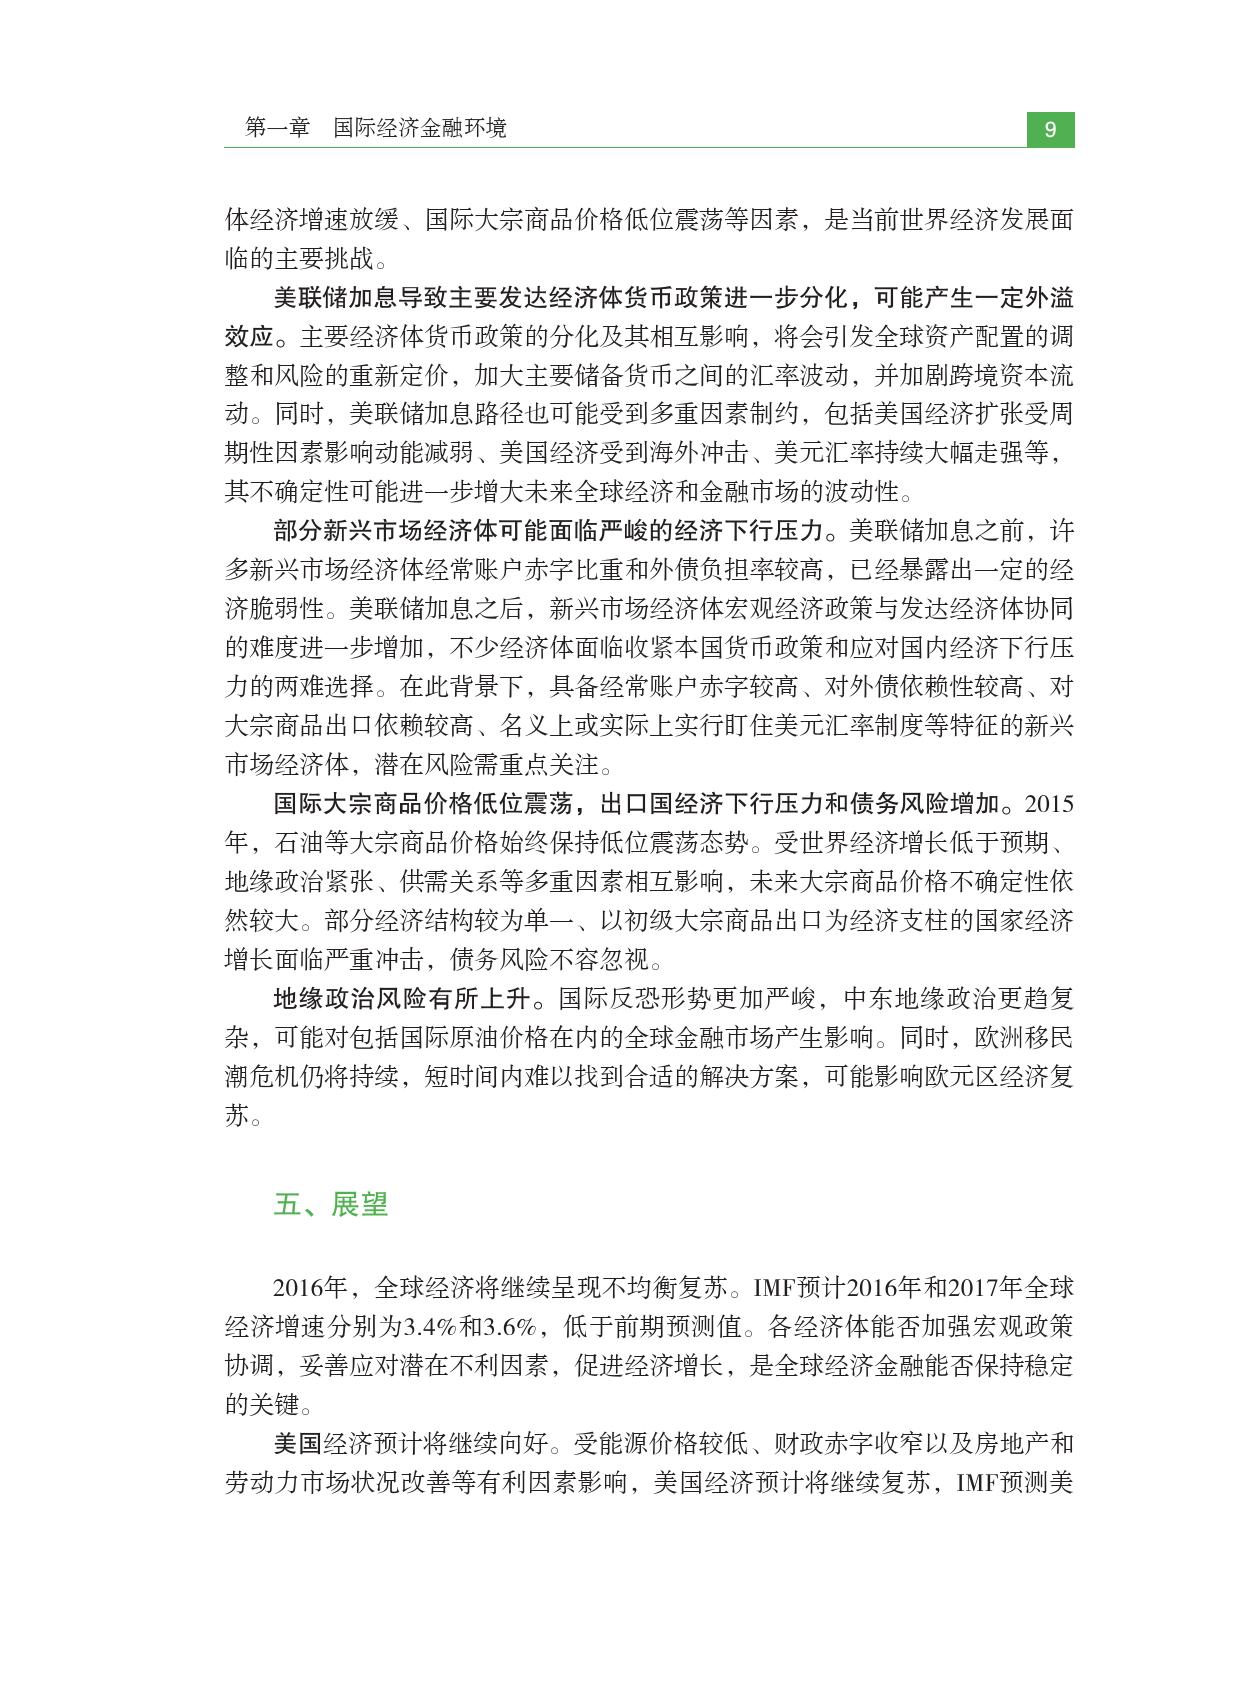 2016年中国金融稳定报告_000019